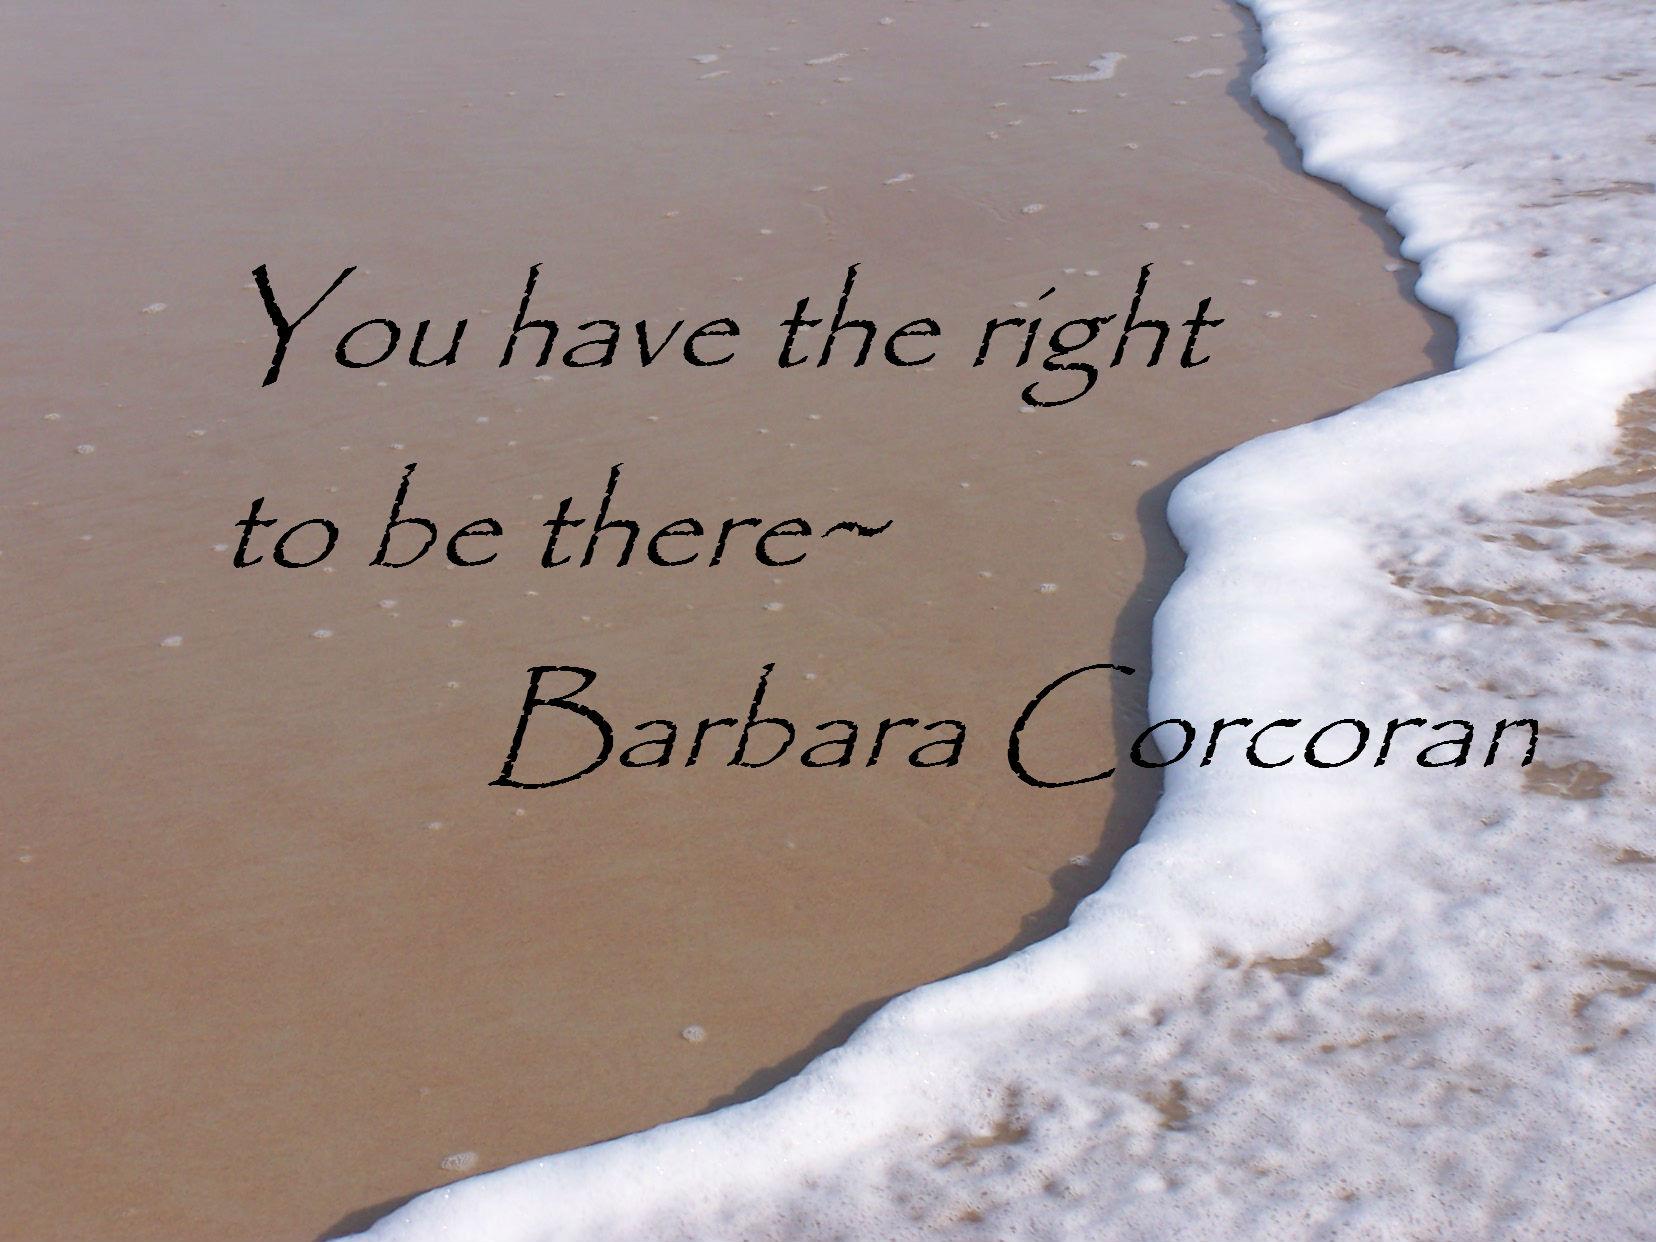 Barbara Corcoran's quote #6